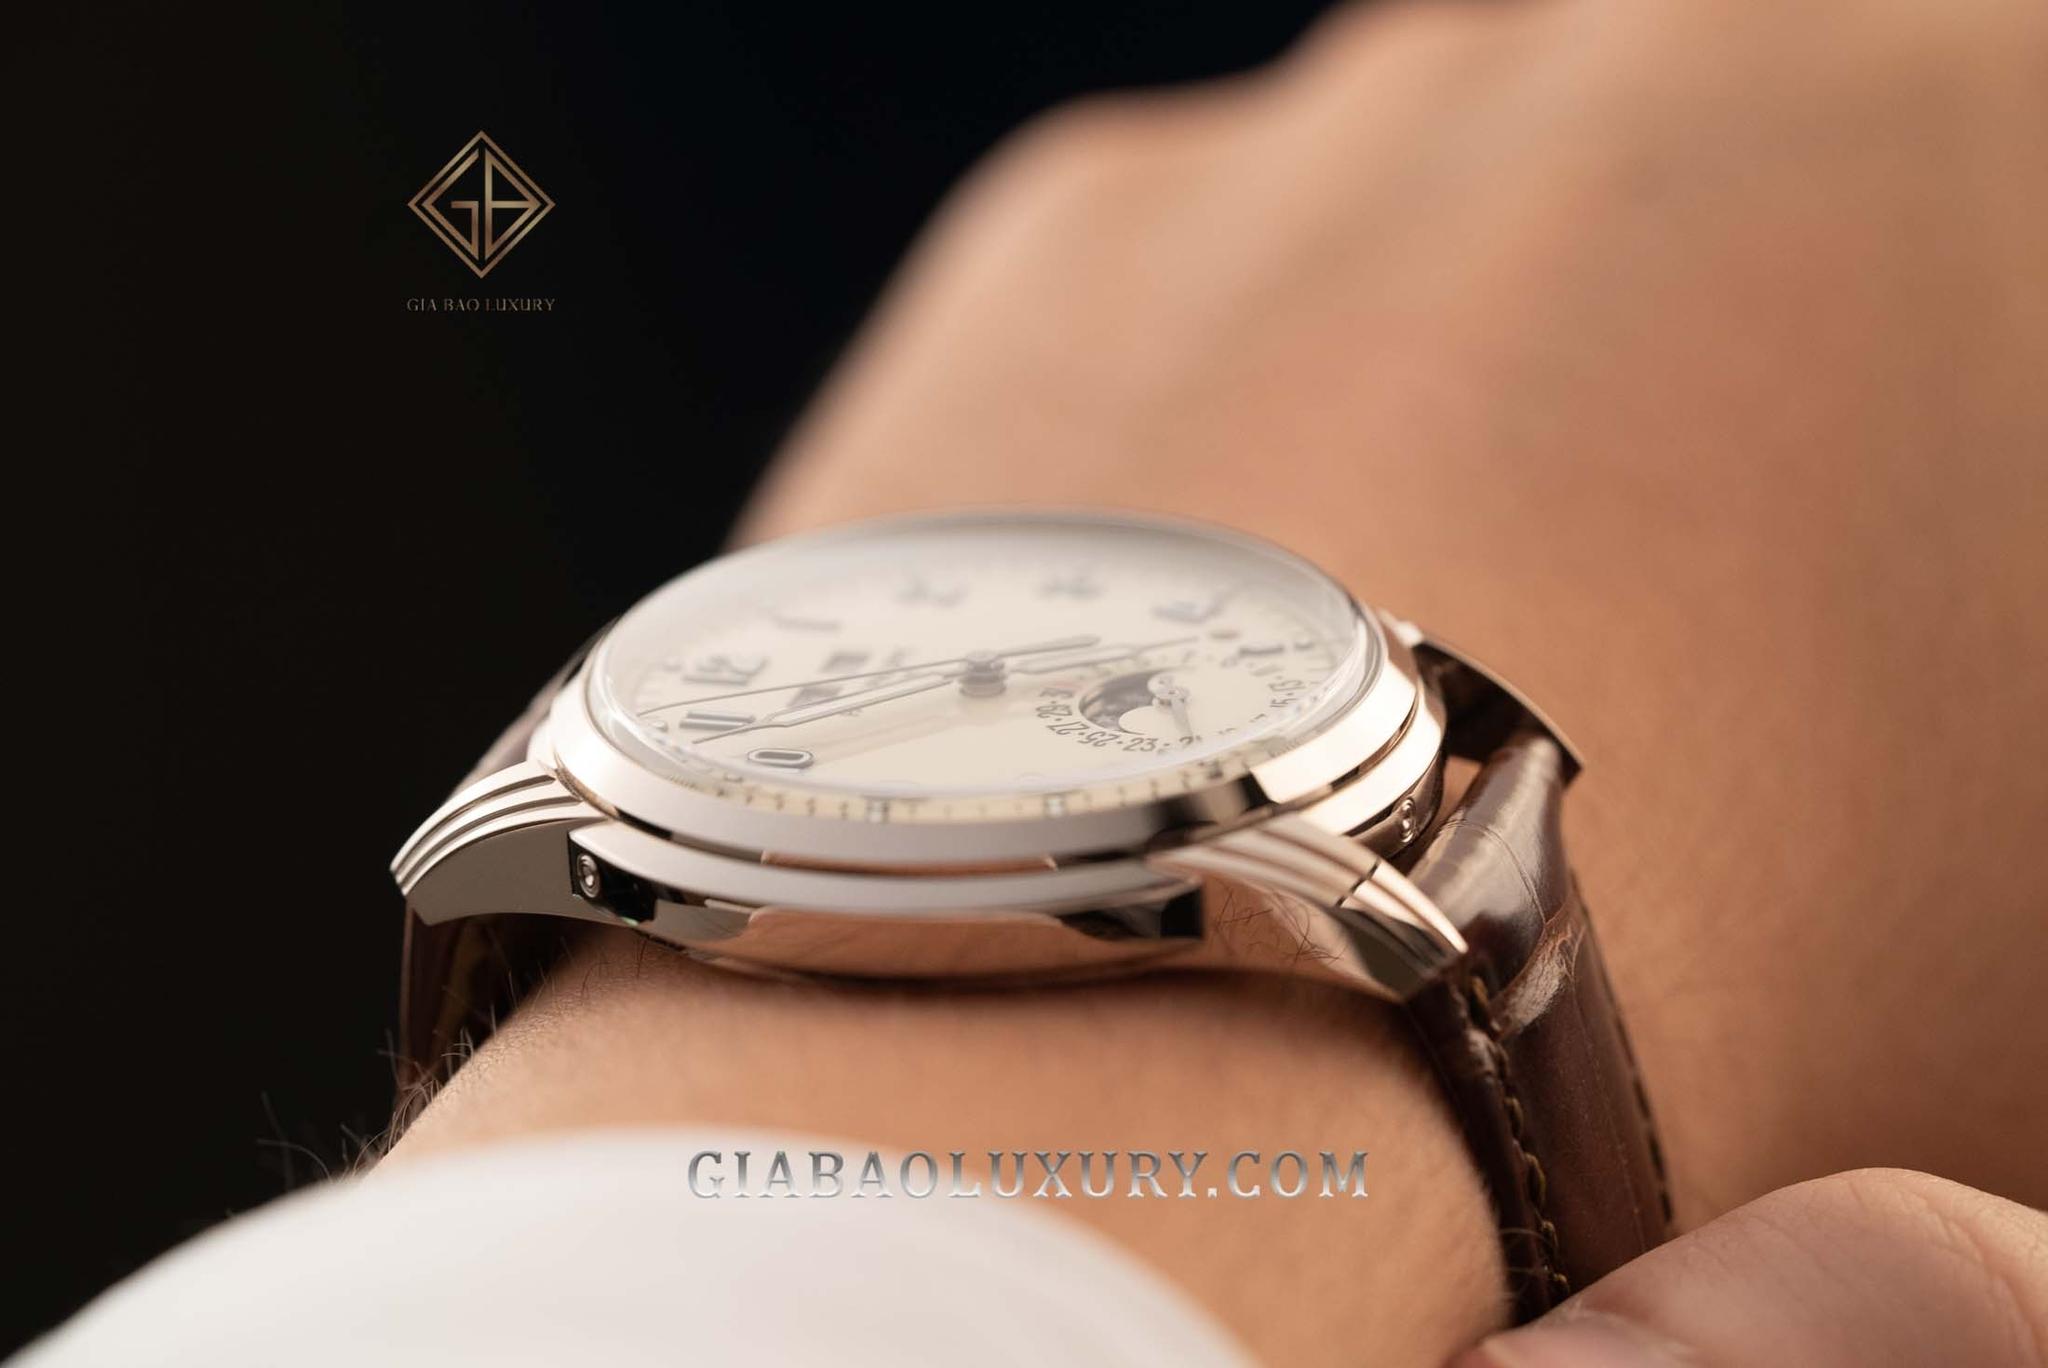 Đánh giá chuyên sâu đồng hồ Patek Philippe Grand Complications 5320G